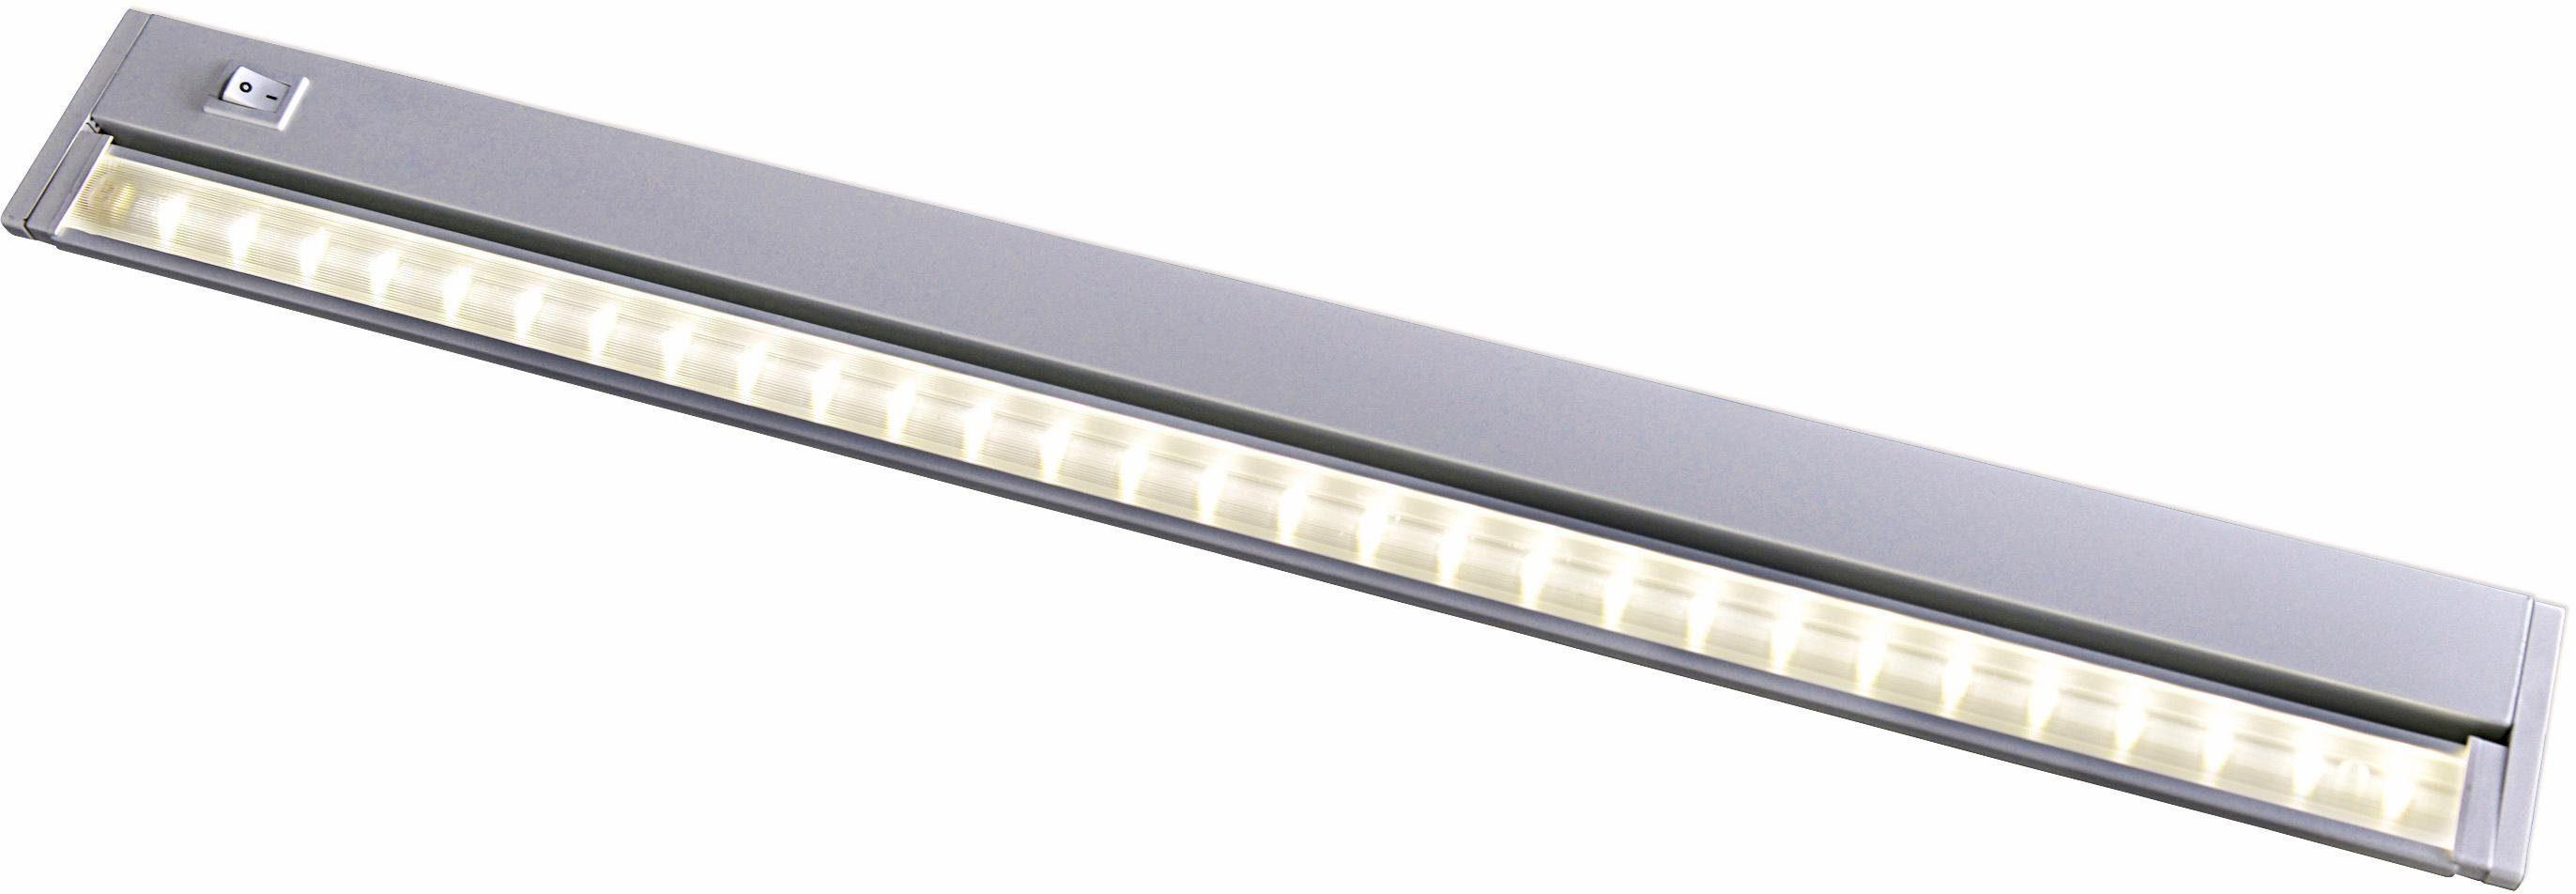 Näve LED Unterbauleuchte, 58,6 cm, »FUNCTION«